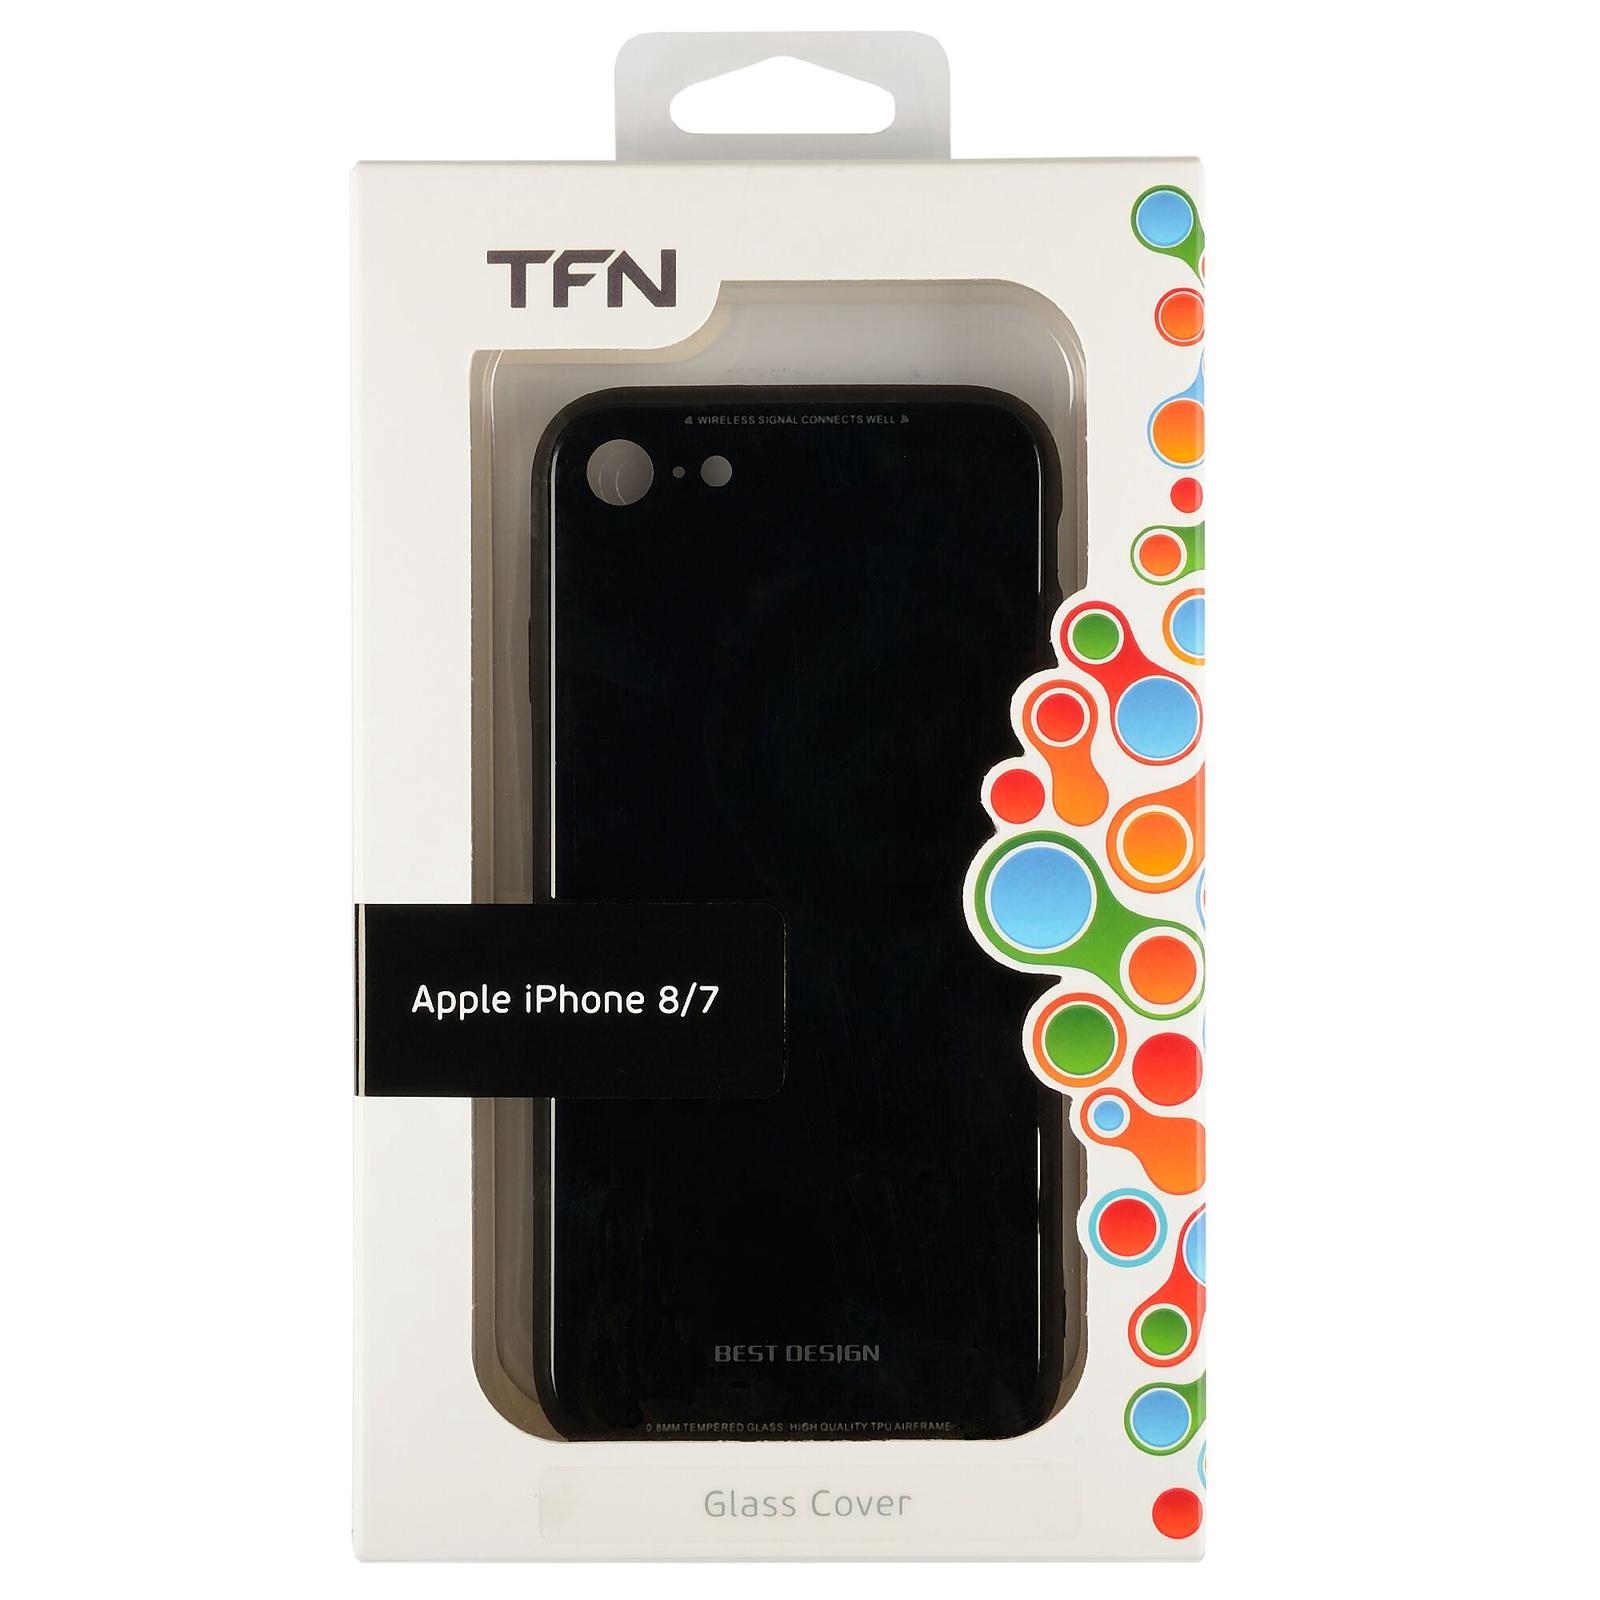 Чехол для сотового телефона TFN Защитный чехол для iPhone 7/8 Черный, черный zakka чехол крышка zakka для apple iphone 7 8 силикон черный матовый